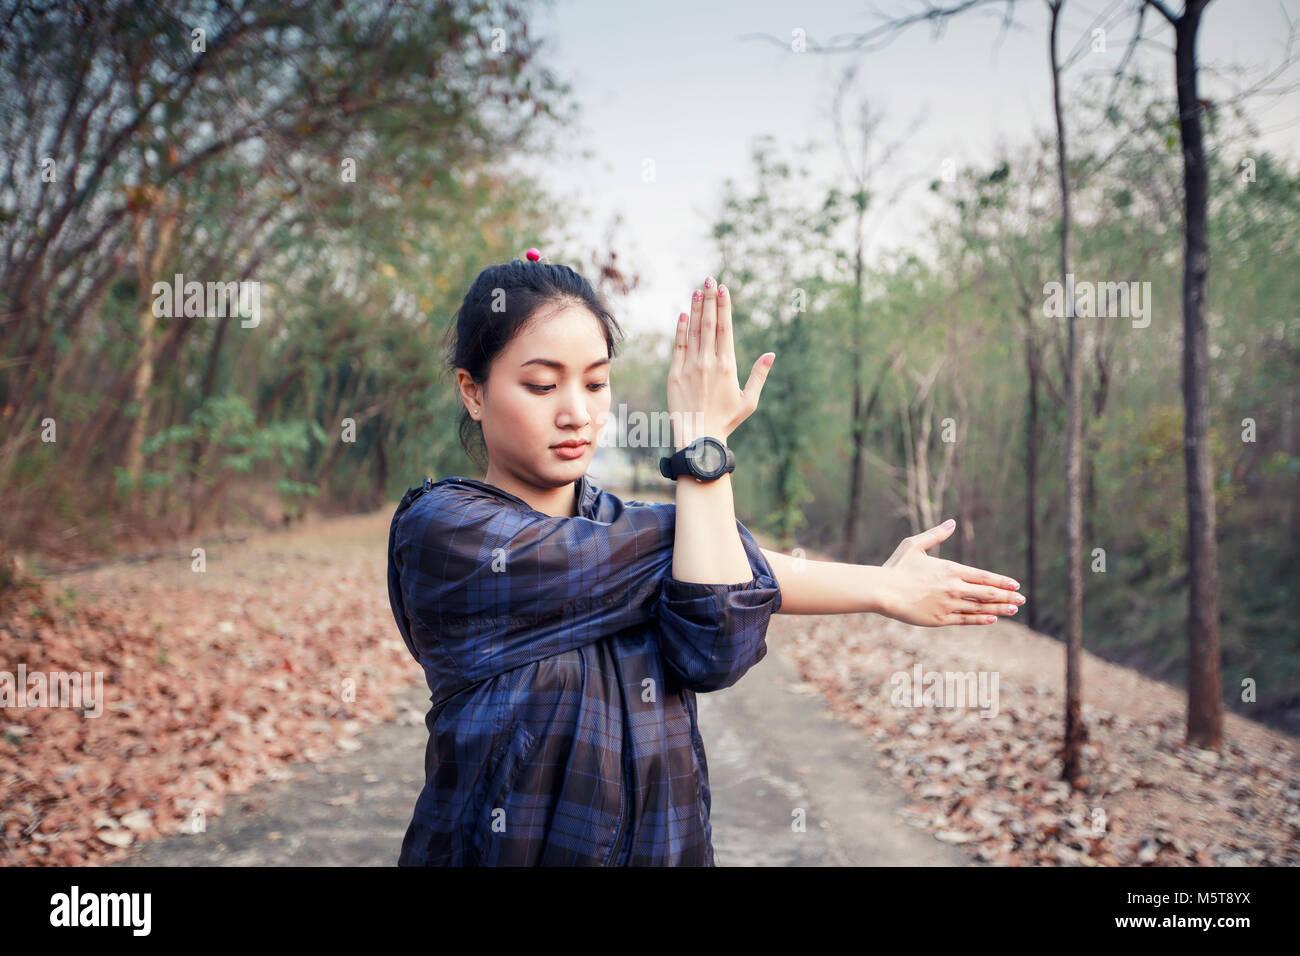 Athletische Frau Asien Aufwärmen und Junge weibliche Athleten trainieren und Stretching in einem Park vor dem Stockbild